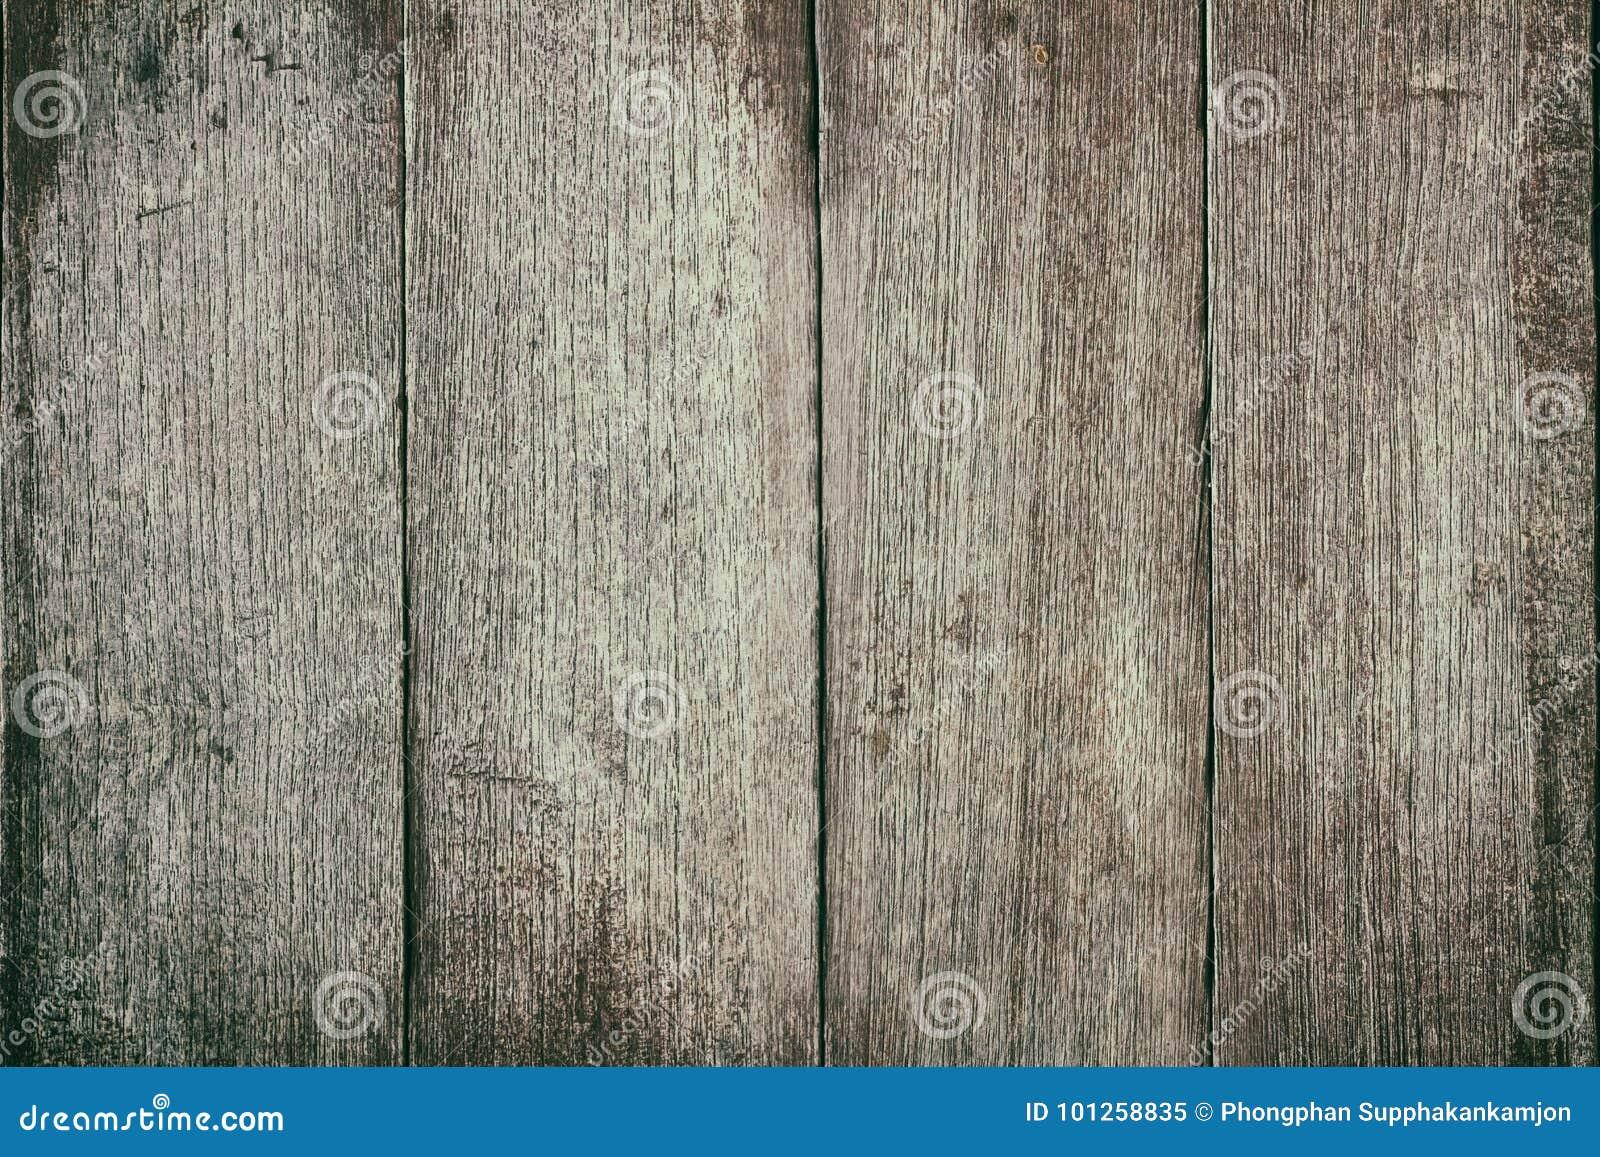 Εκλεκτής ποιότητας ξύλινος πίνακας επιφάνειας και αγροτικό υπόβαθρο σύστασης σιταριού